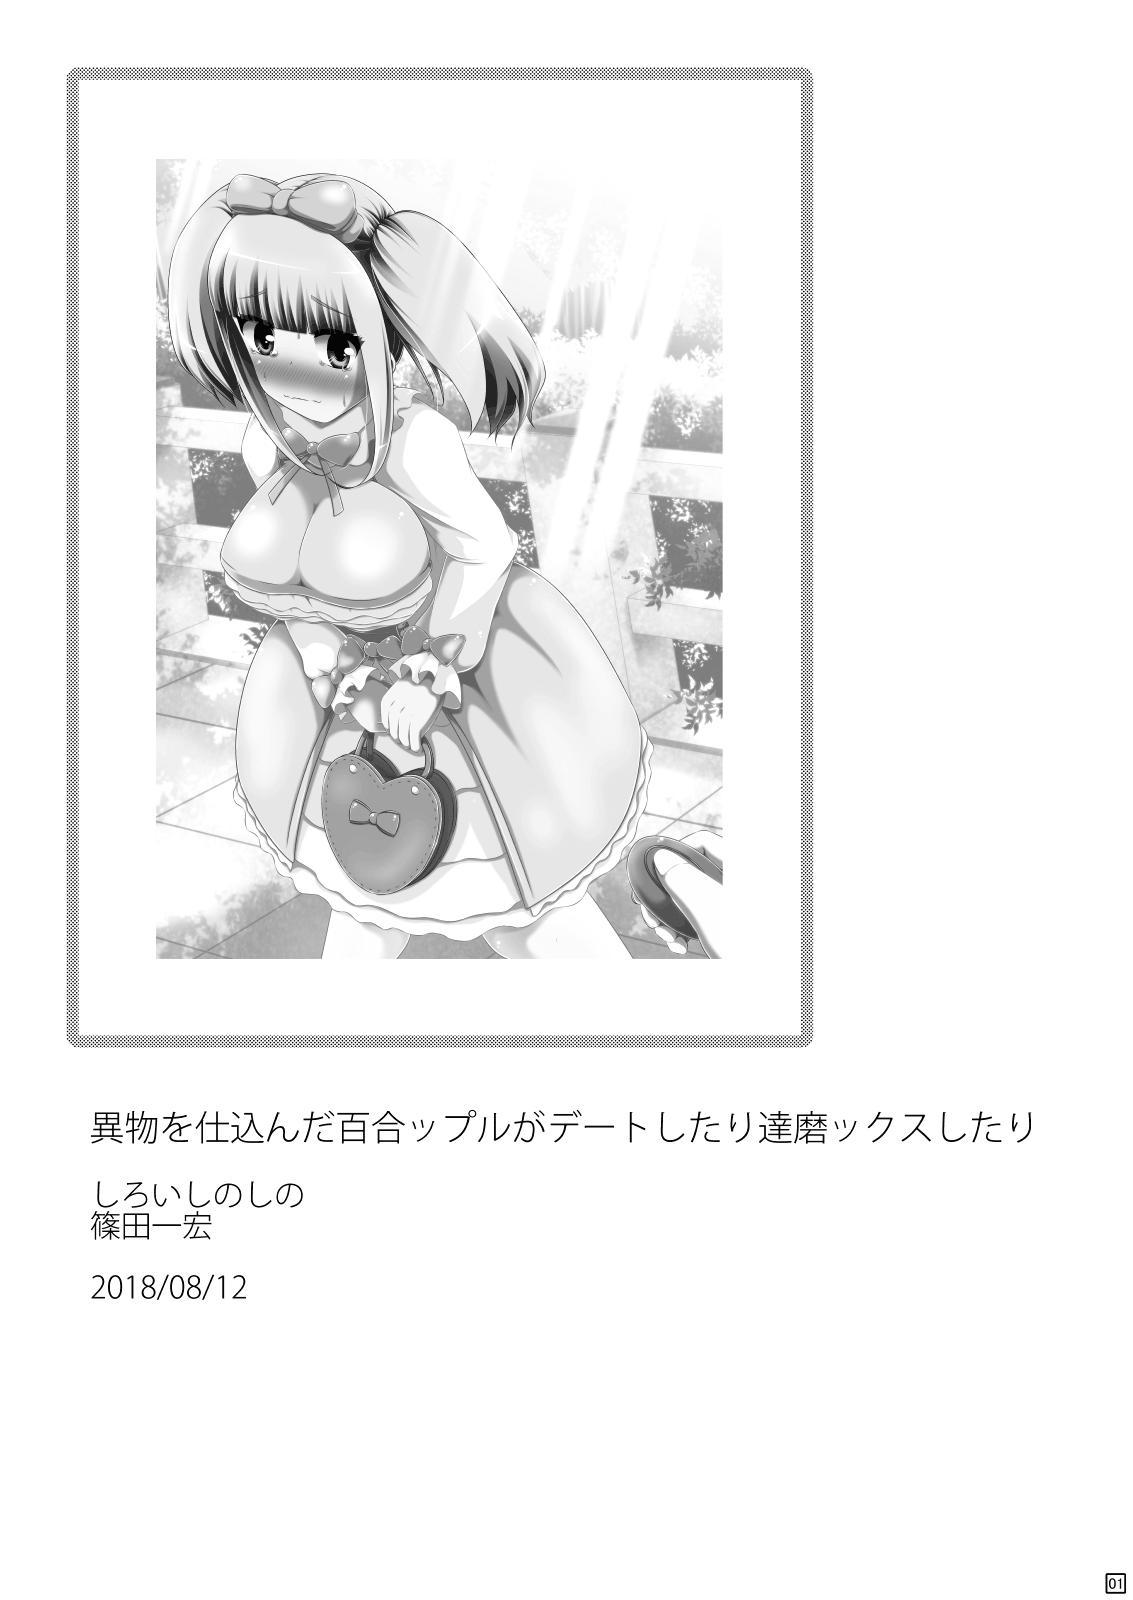 Ibutsu o Shikonda Yuriple ga Date Shitari Darumax Shitari 1